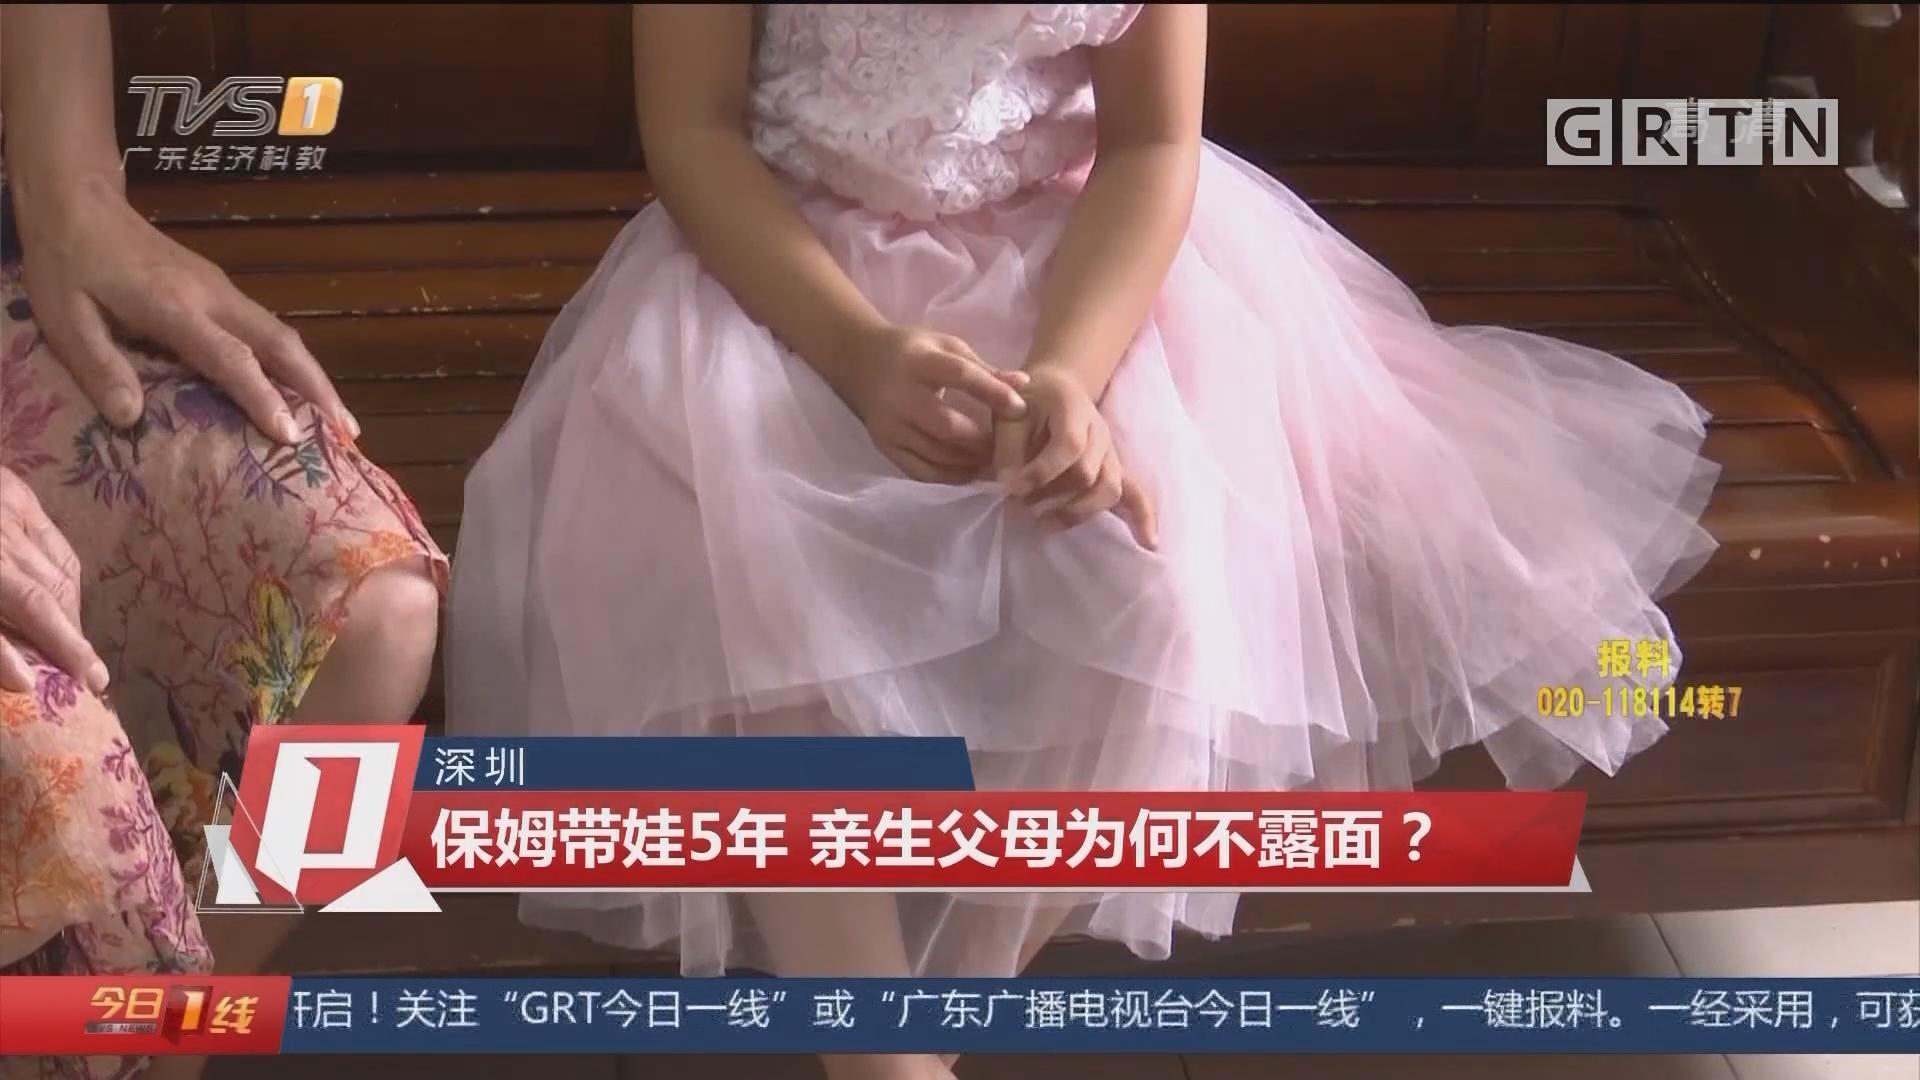 深圳:保姆帶娃5年 親生父母為何不露面?